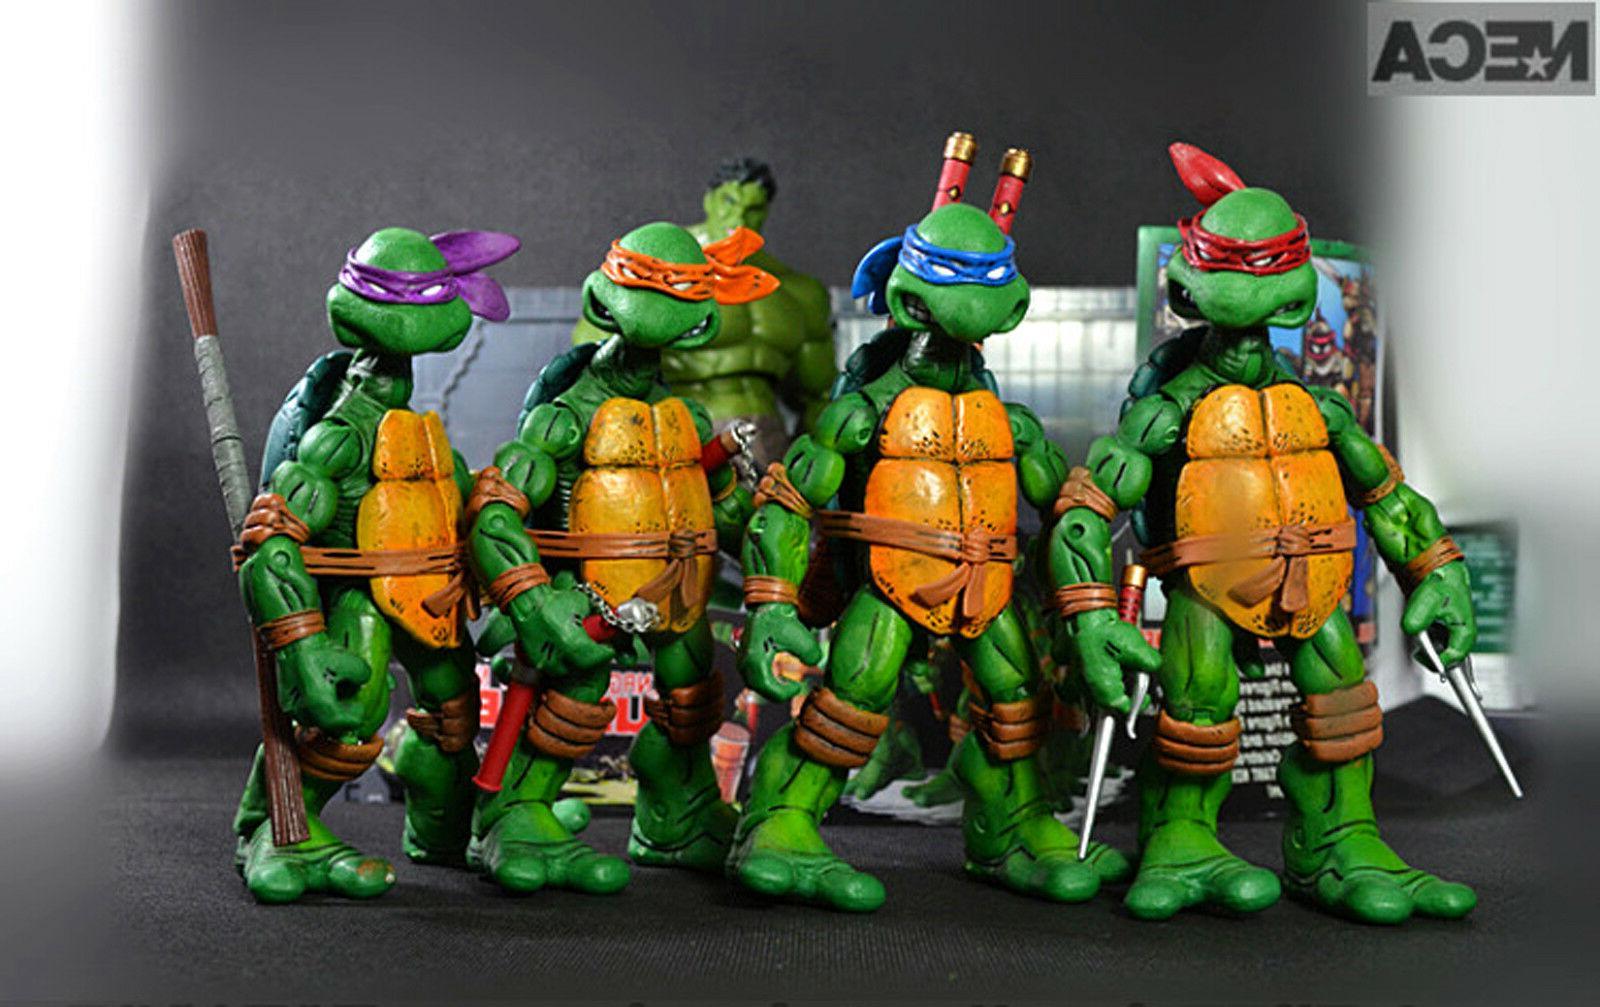 NECA TEENAGE NINJA TURTLES Colorful HEADBAND Action Figures